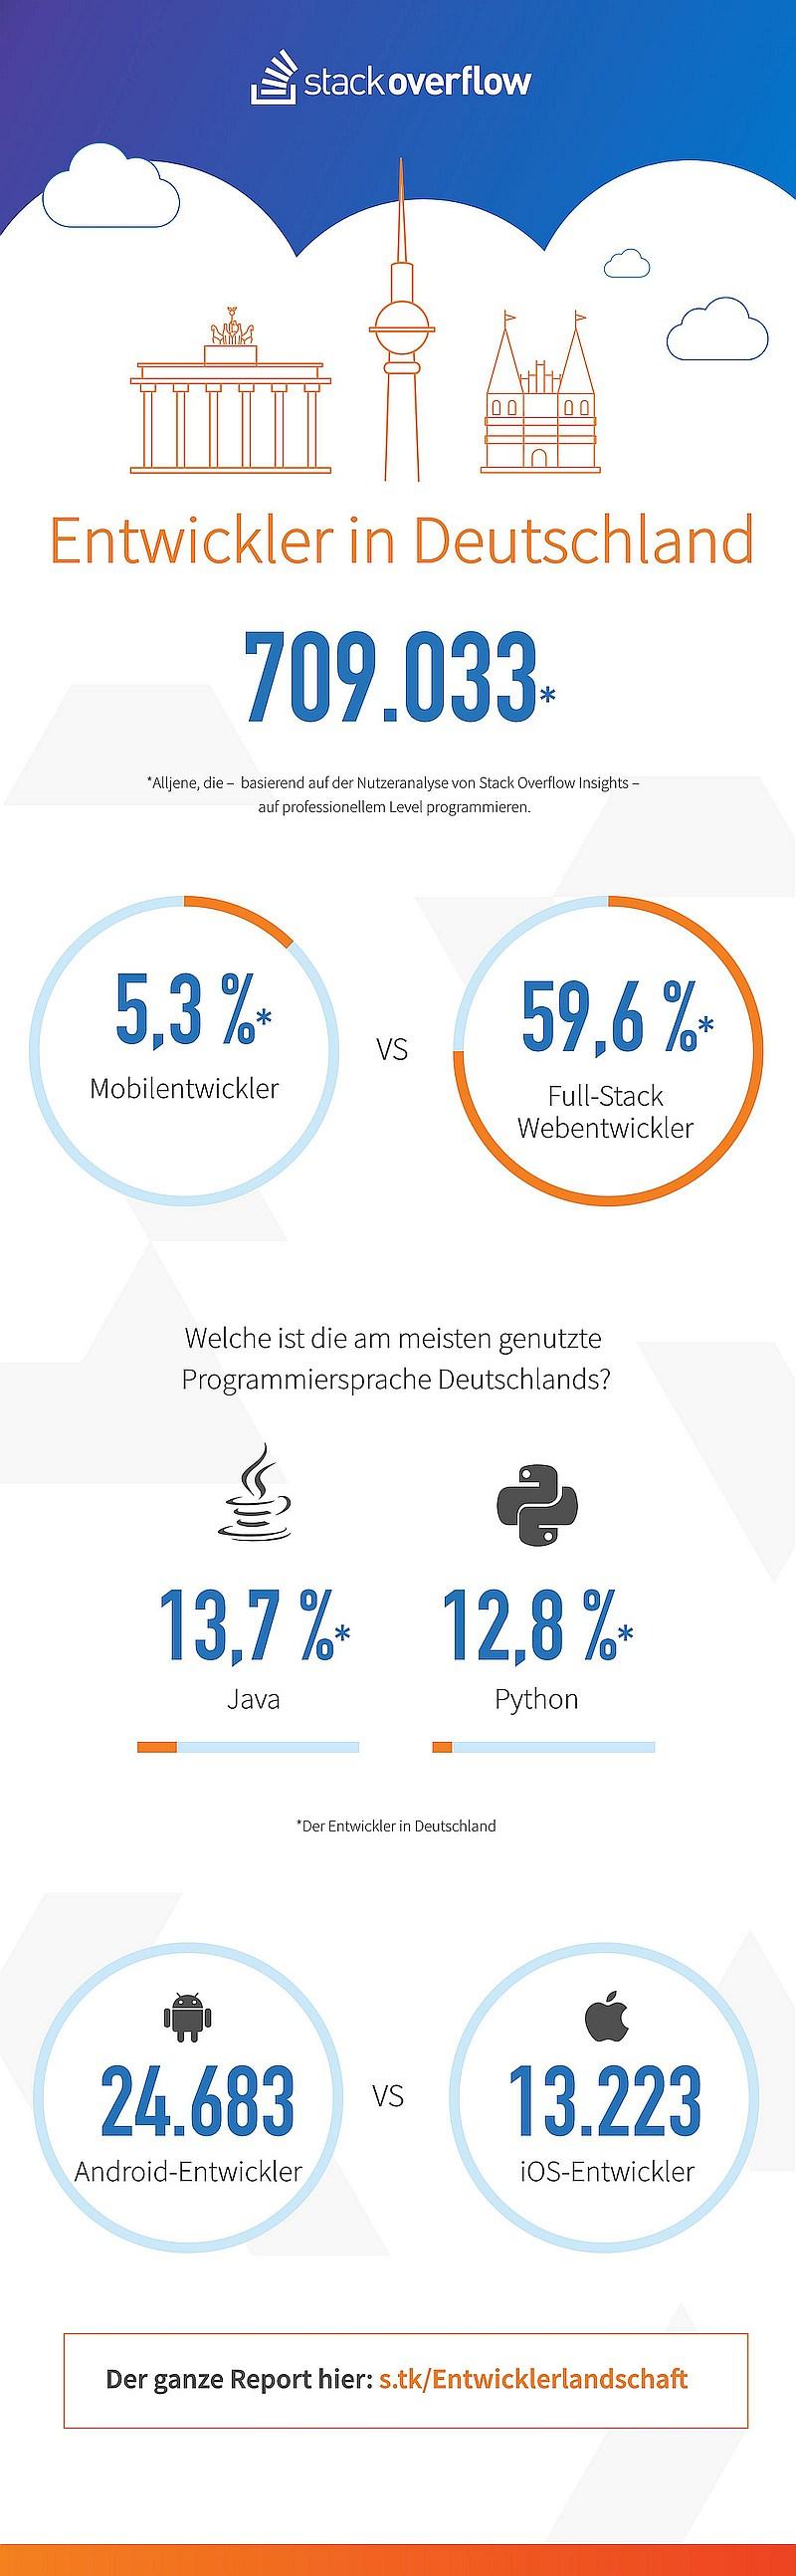 infografik-stack_overflow_entwickler_in_deutschland_stats